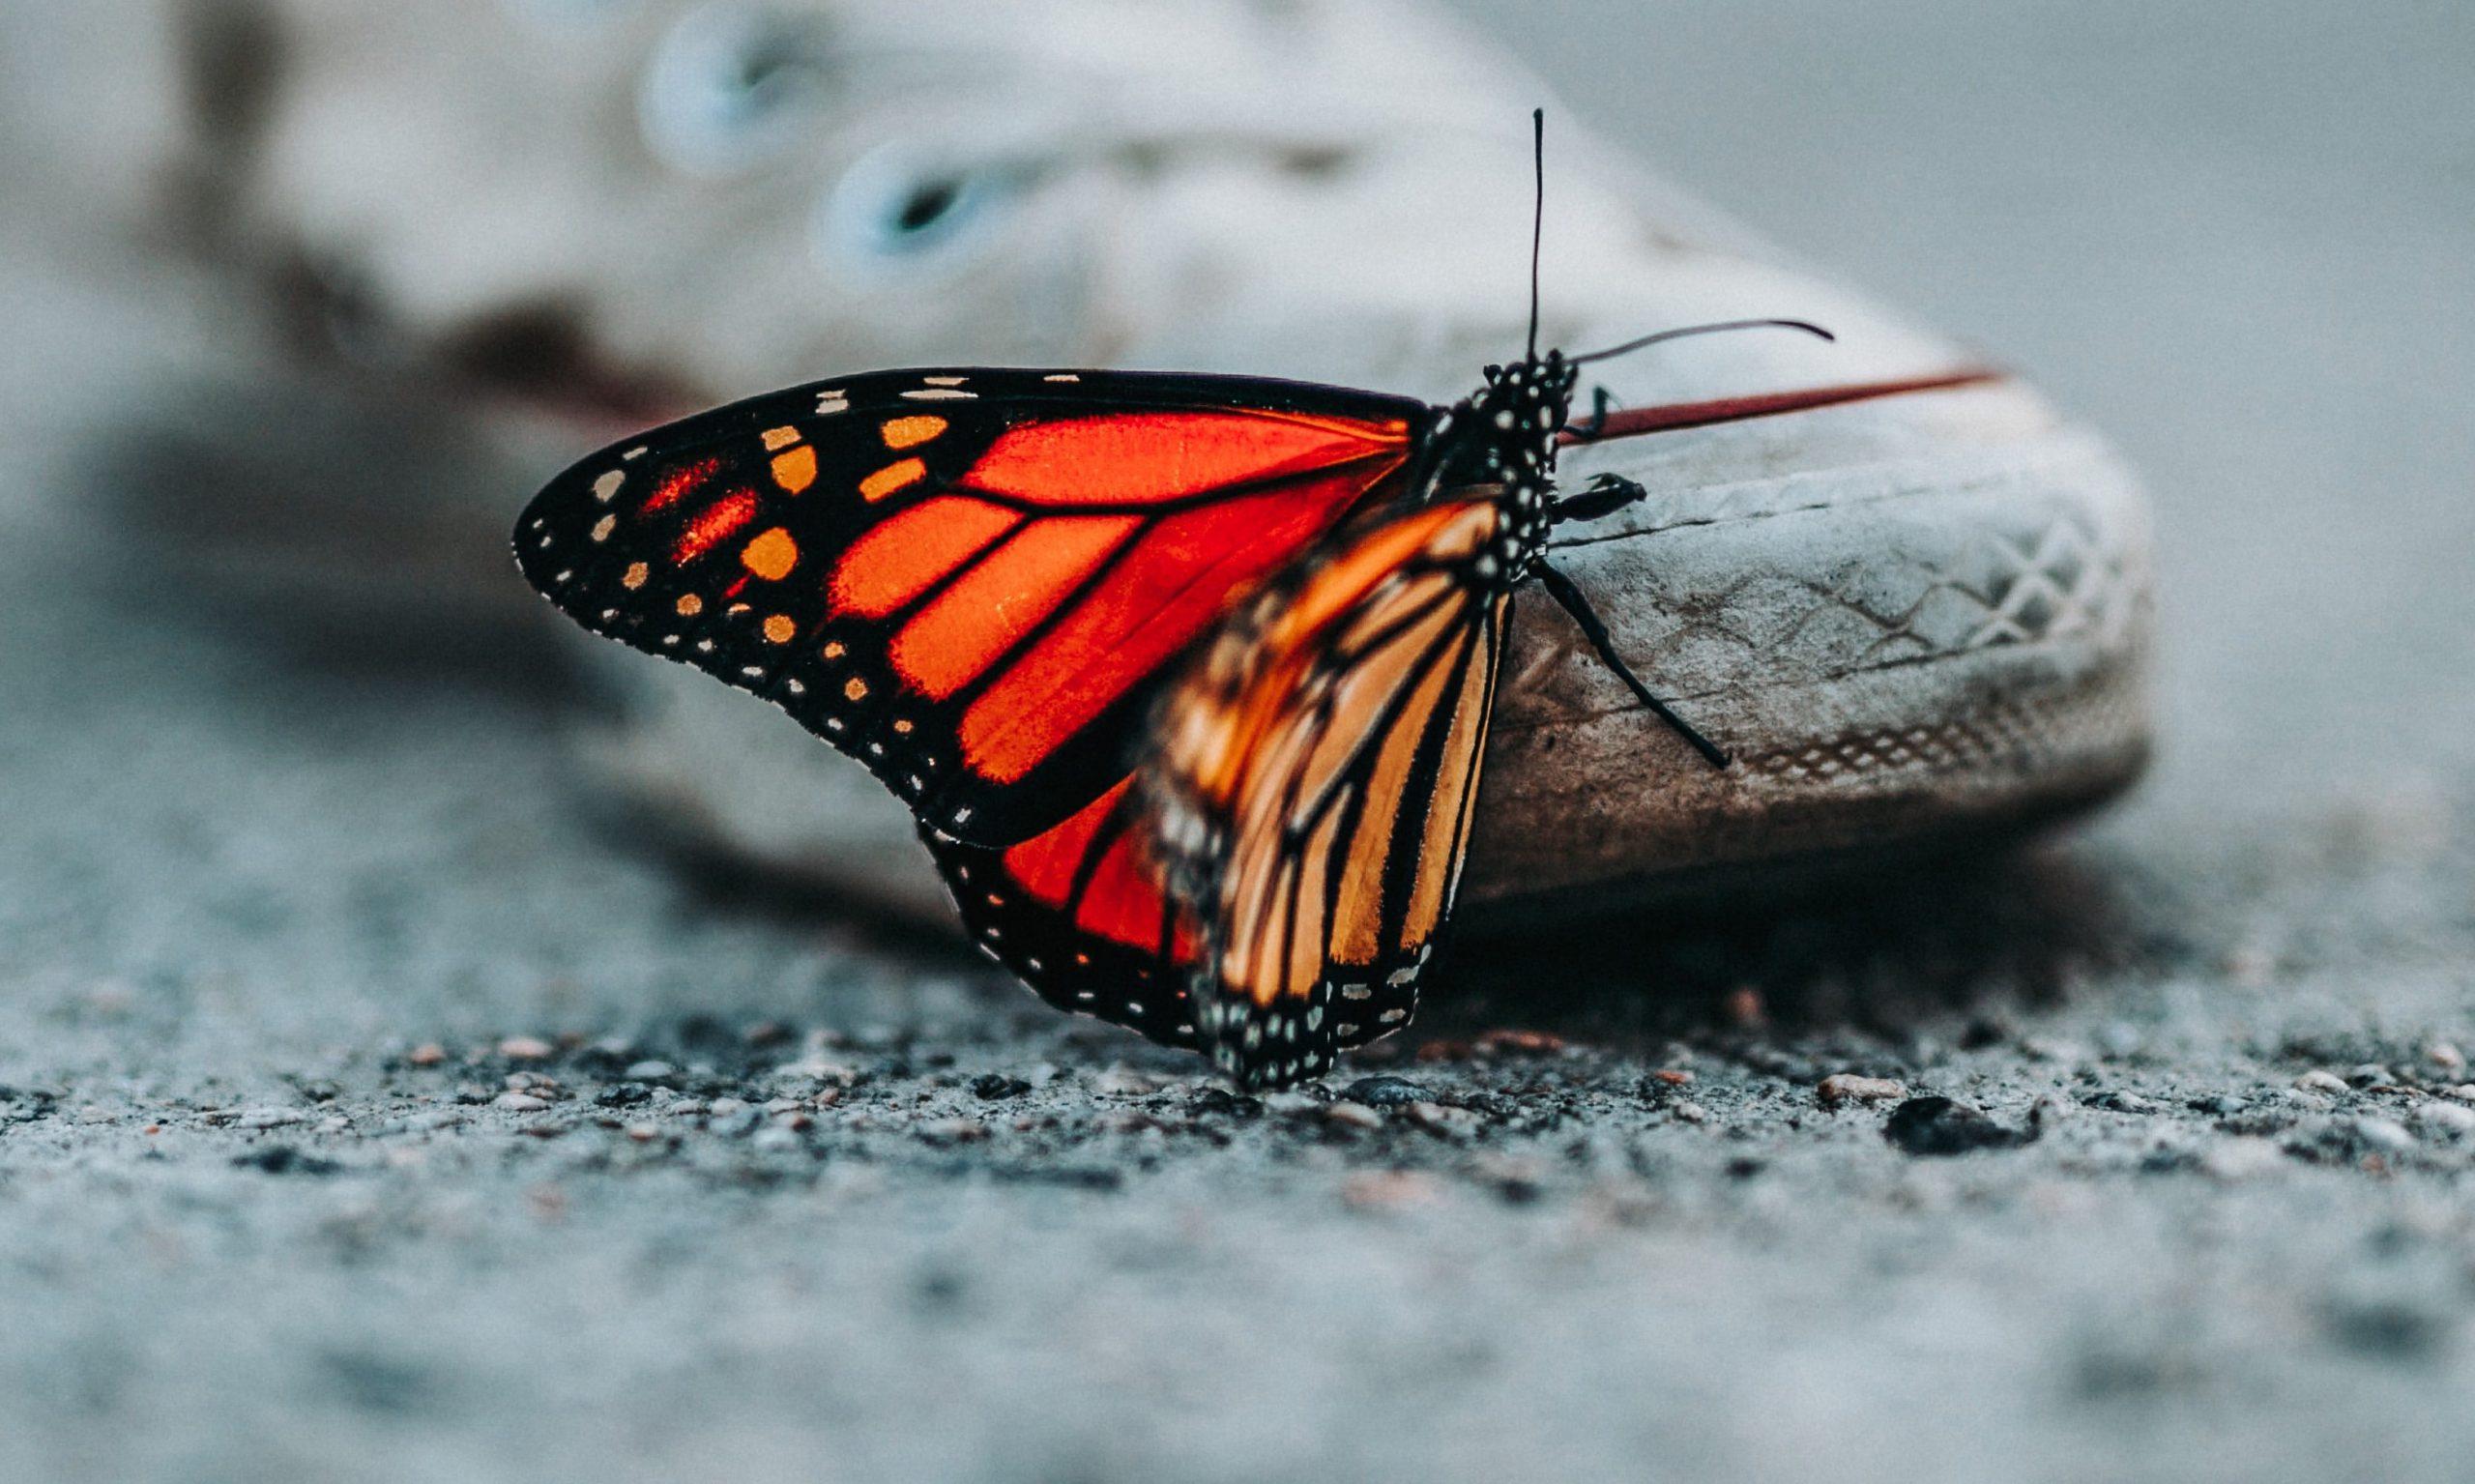 Roter Schmetterling auf grauem Beton